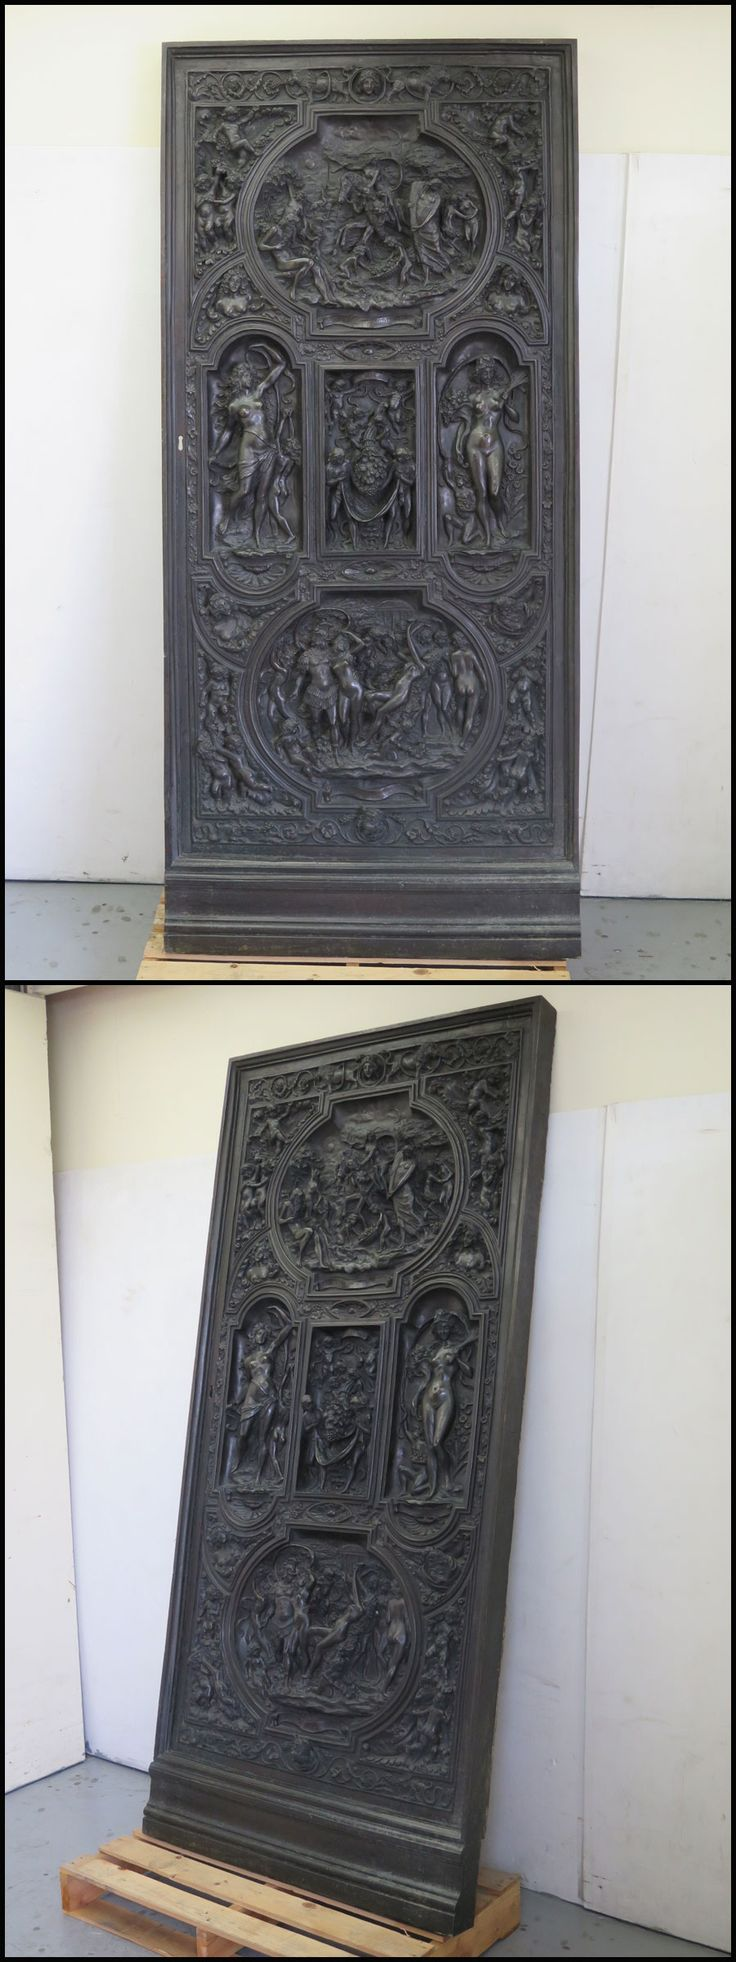 ◎希少!ブロンズ製 人物文装飾扉 彫刻 西洋美術 ... - ヤフオク!